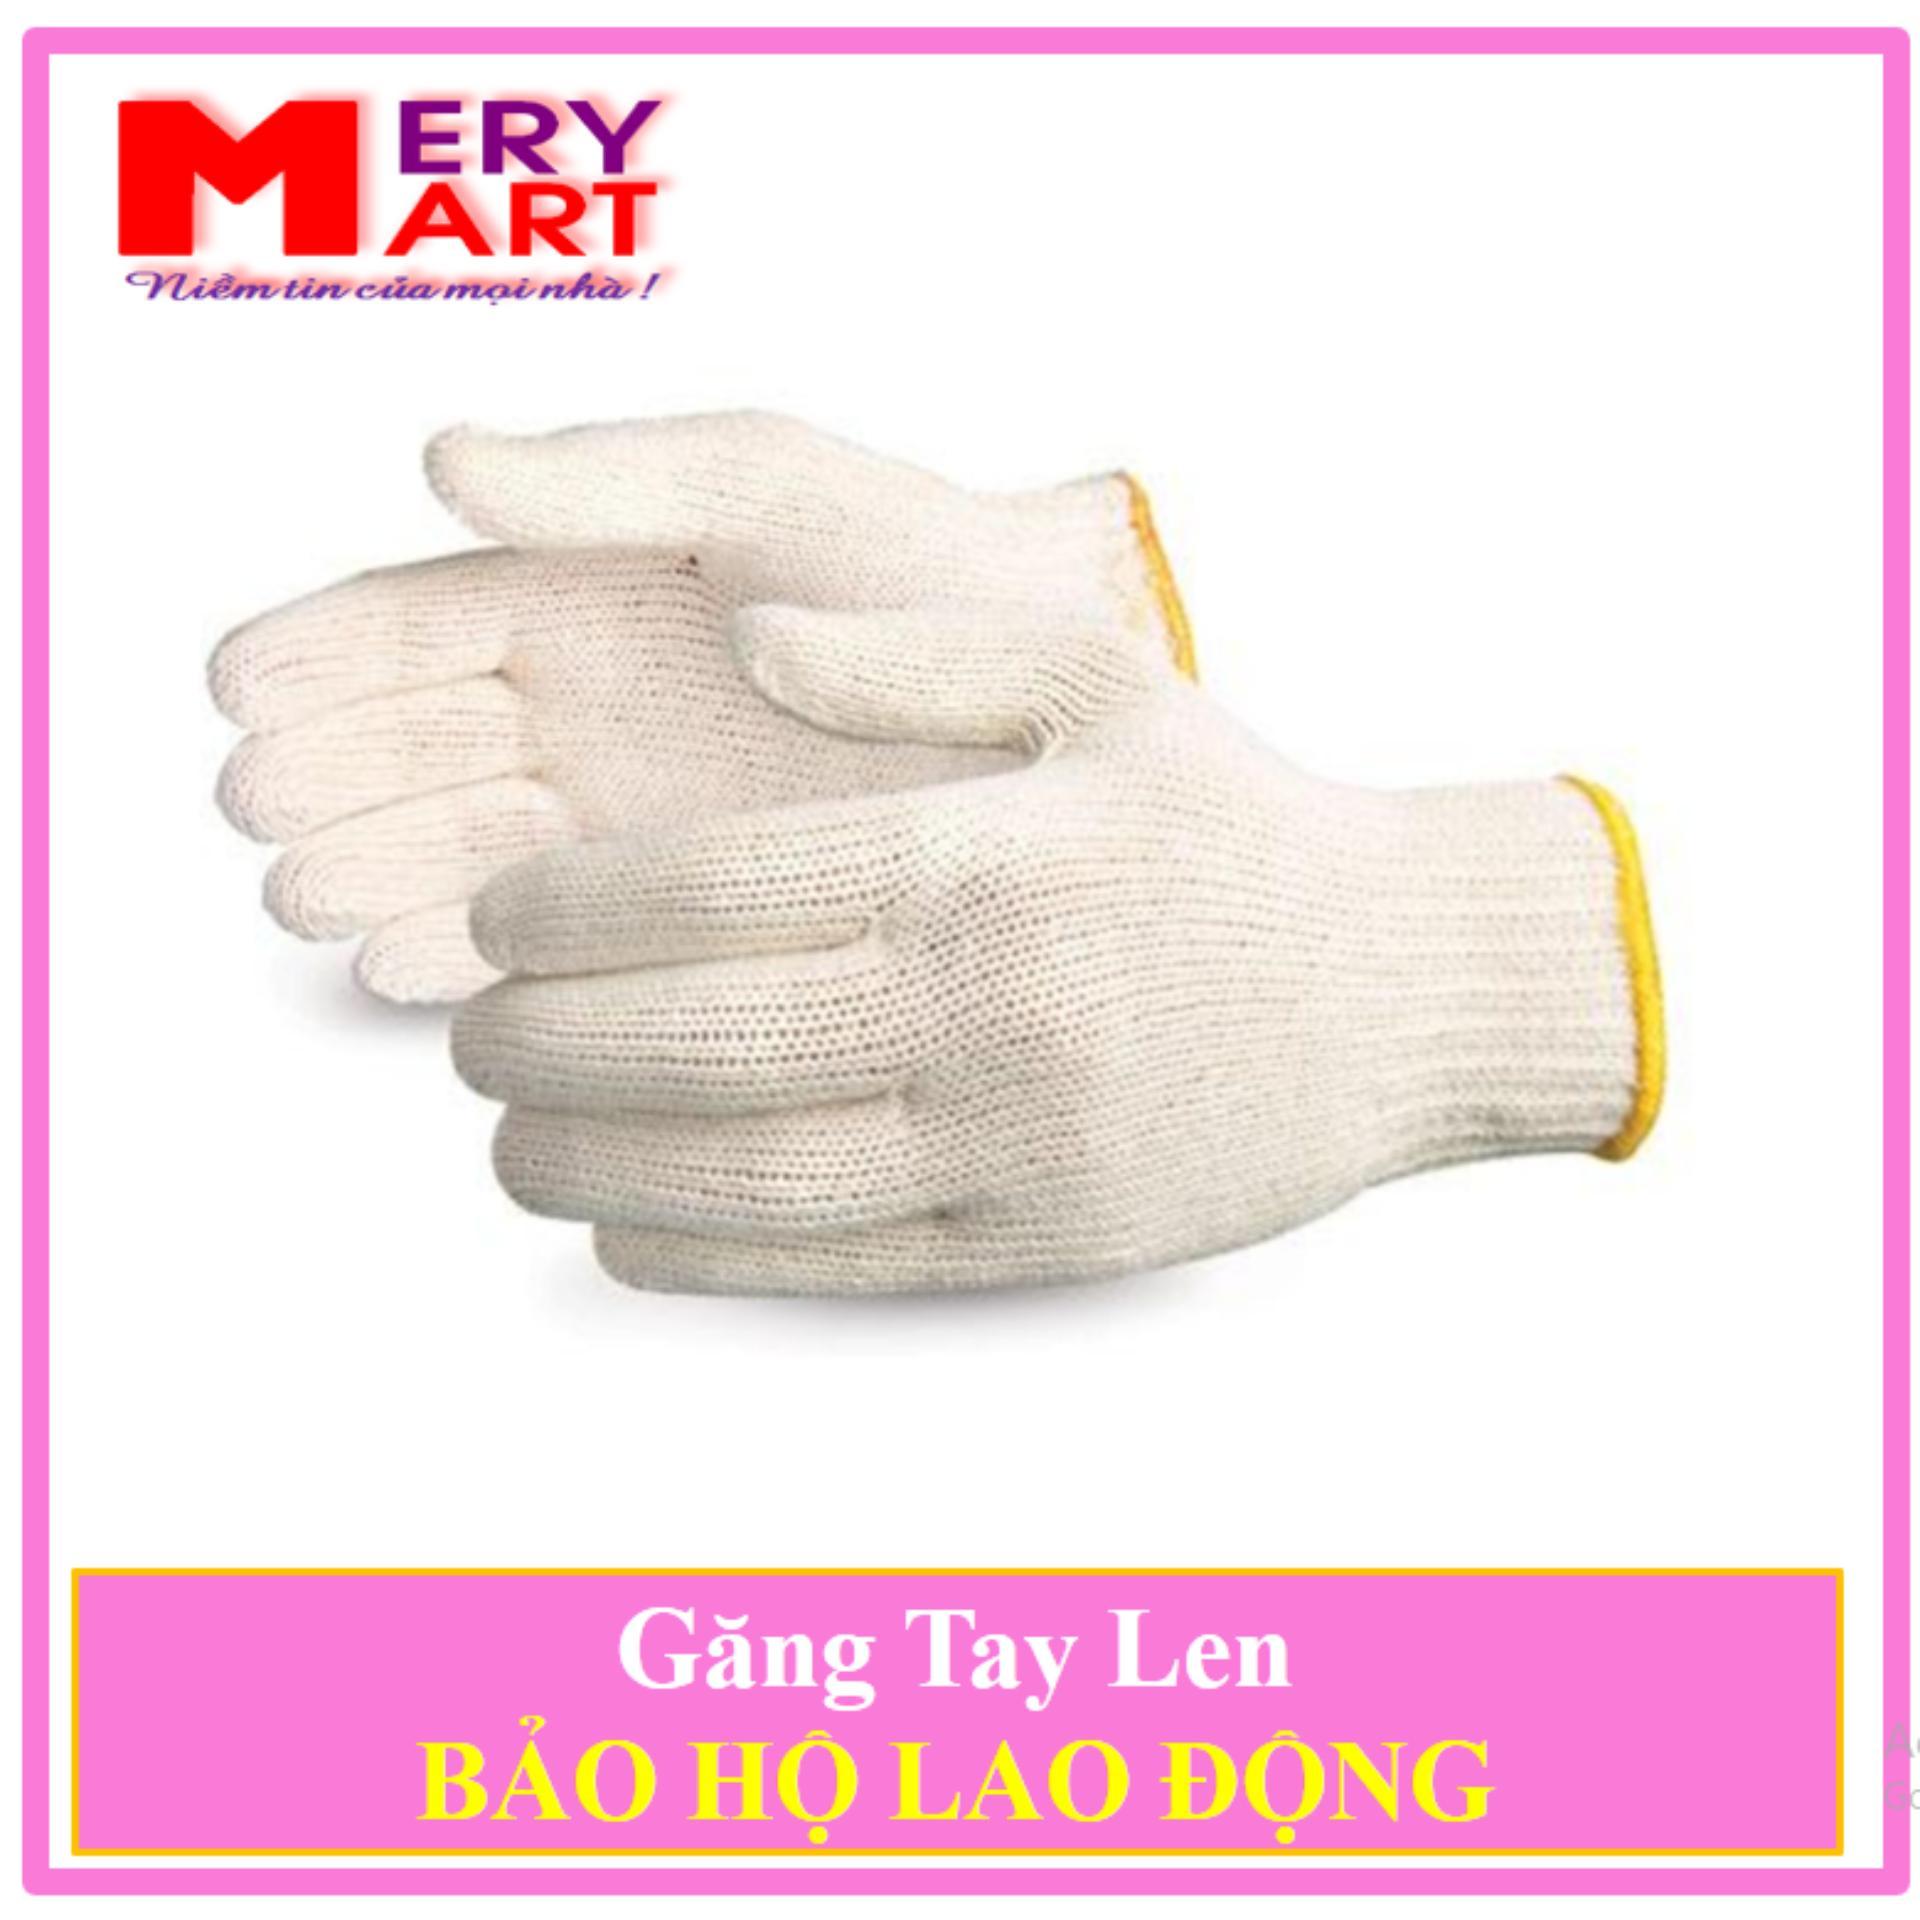 Combo 45 Đôi Găng Tay Len Bảo Hộ Kim 10 Chất Lượng Cao